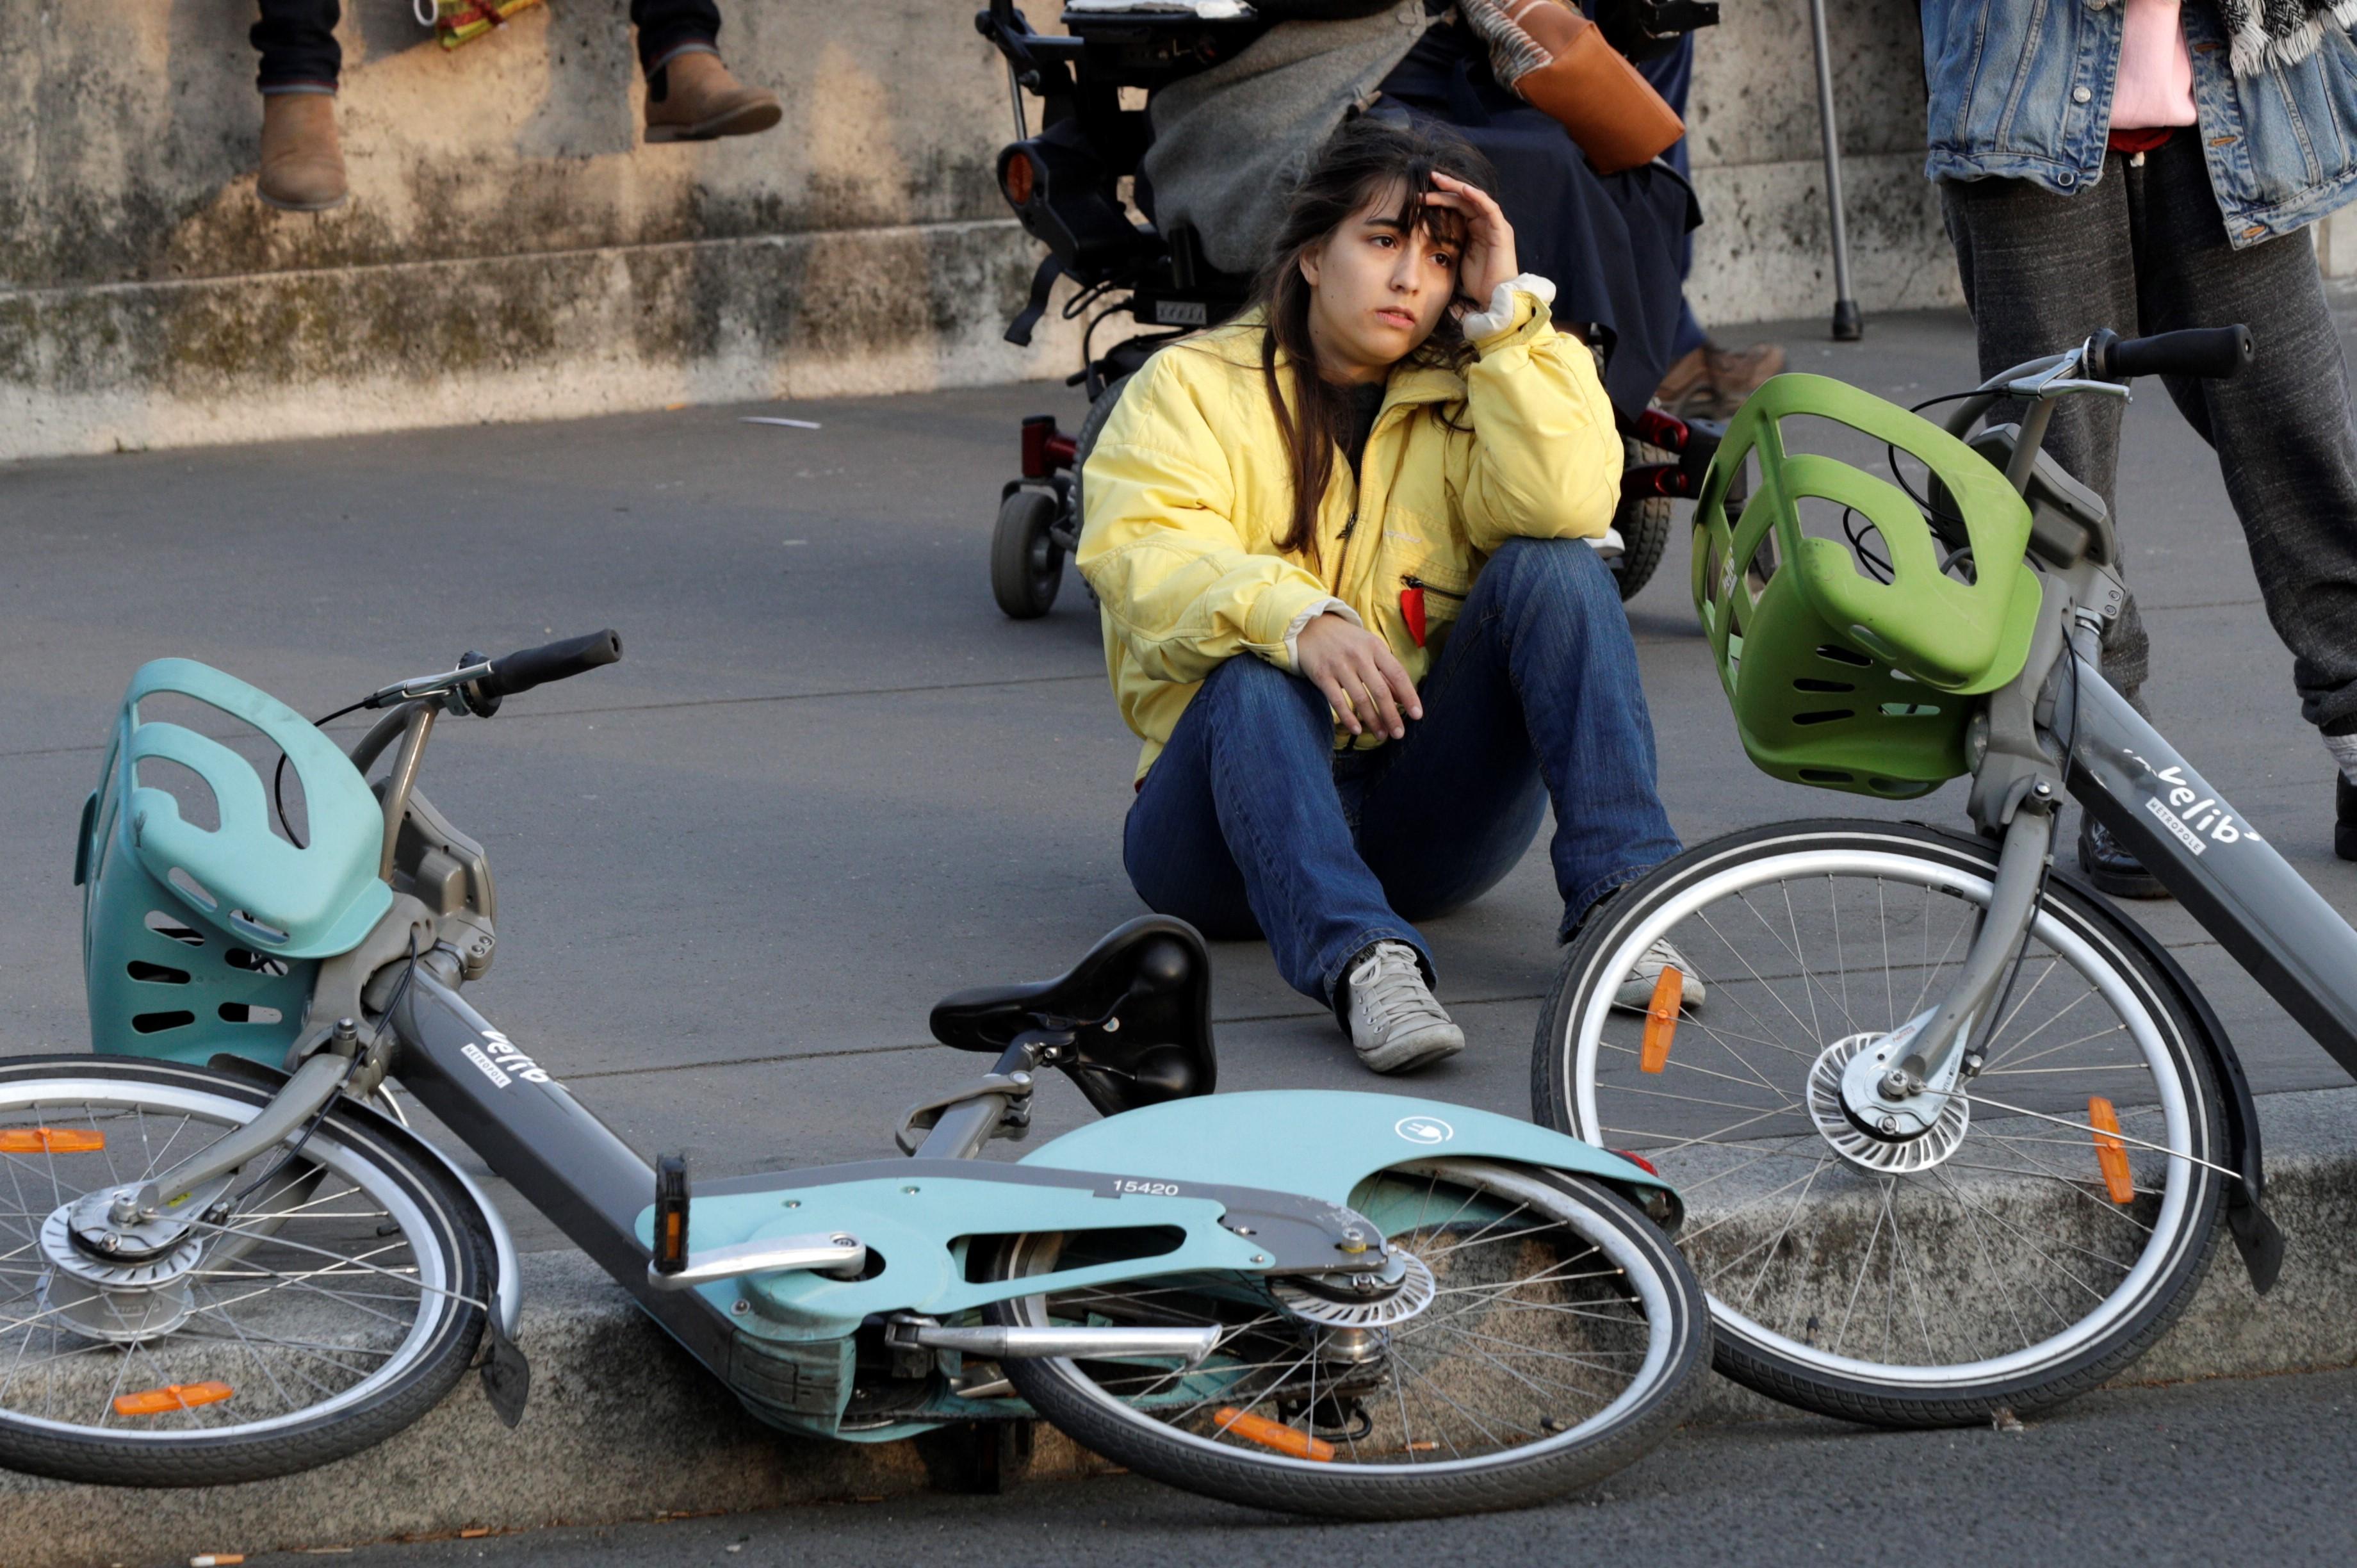 En medio de la ciclovia, una parisina se lamenta sobre los hechos.